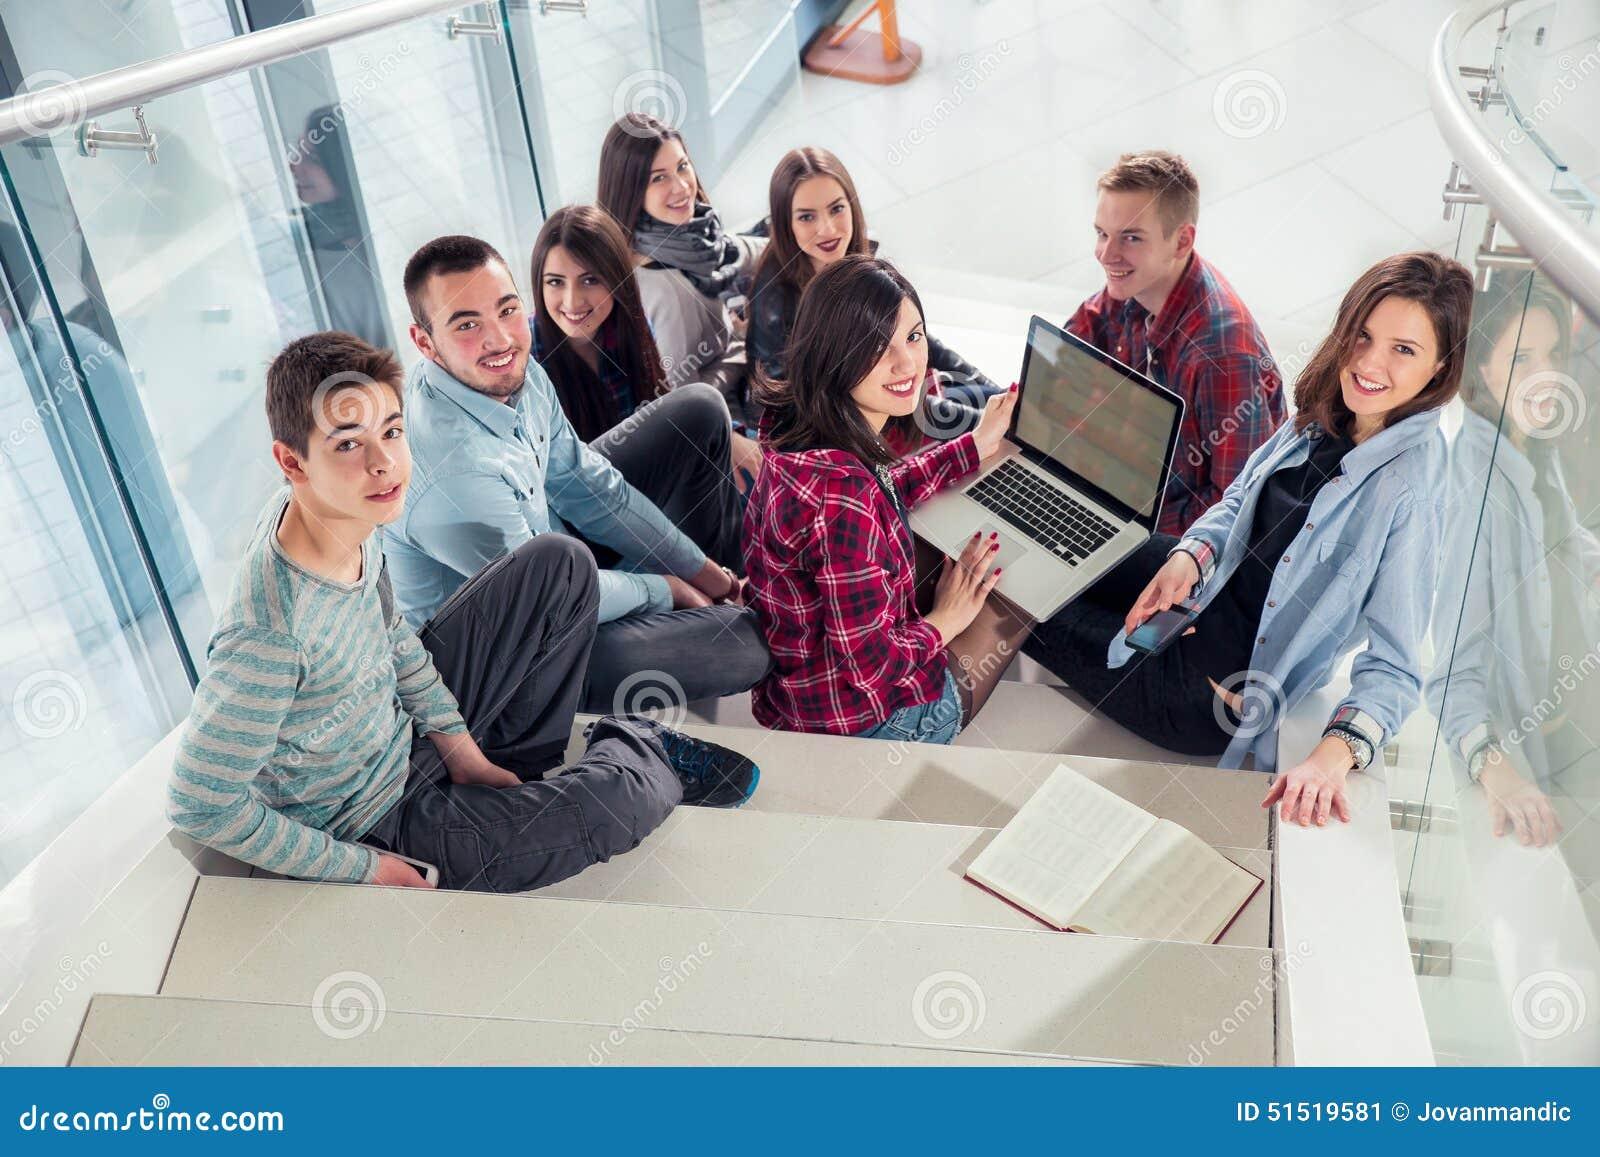 Muchachas y muchachos adolescentes felices en las escaleras escuela o universidad